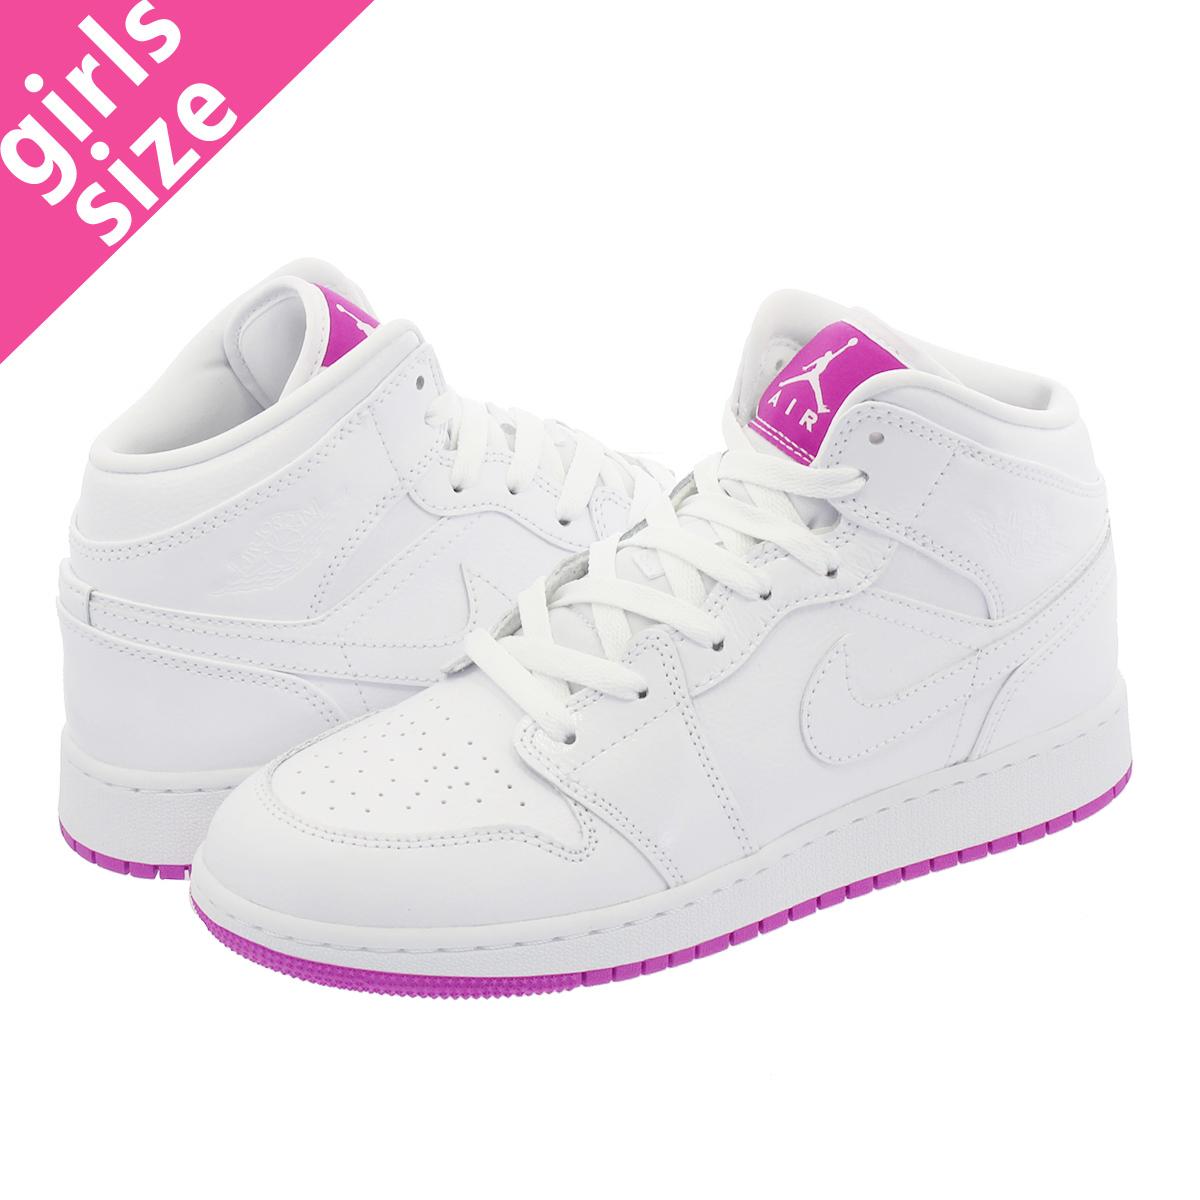 a4d7da6ece10 NIKE AIR JORDAN 1 MID GG Nike Air Jordan 1 mid GG WHITE FUSCHIA BLAST  555